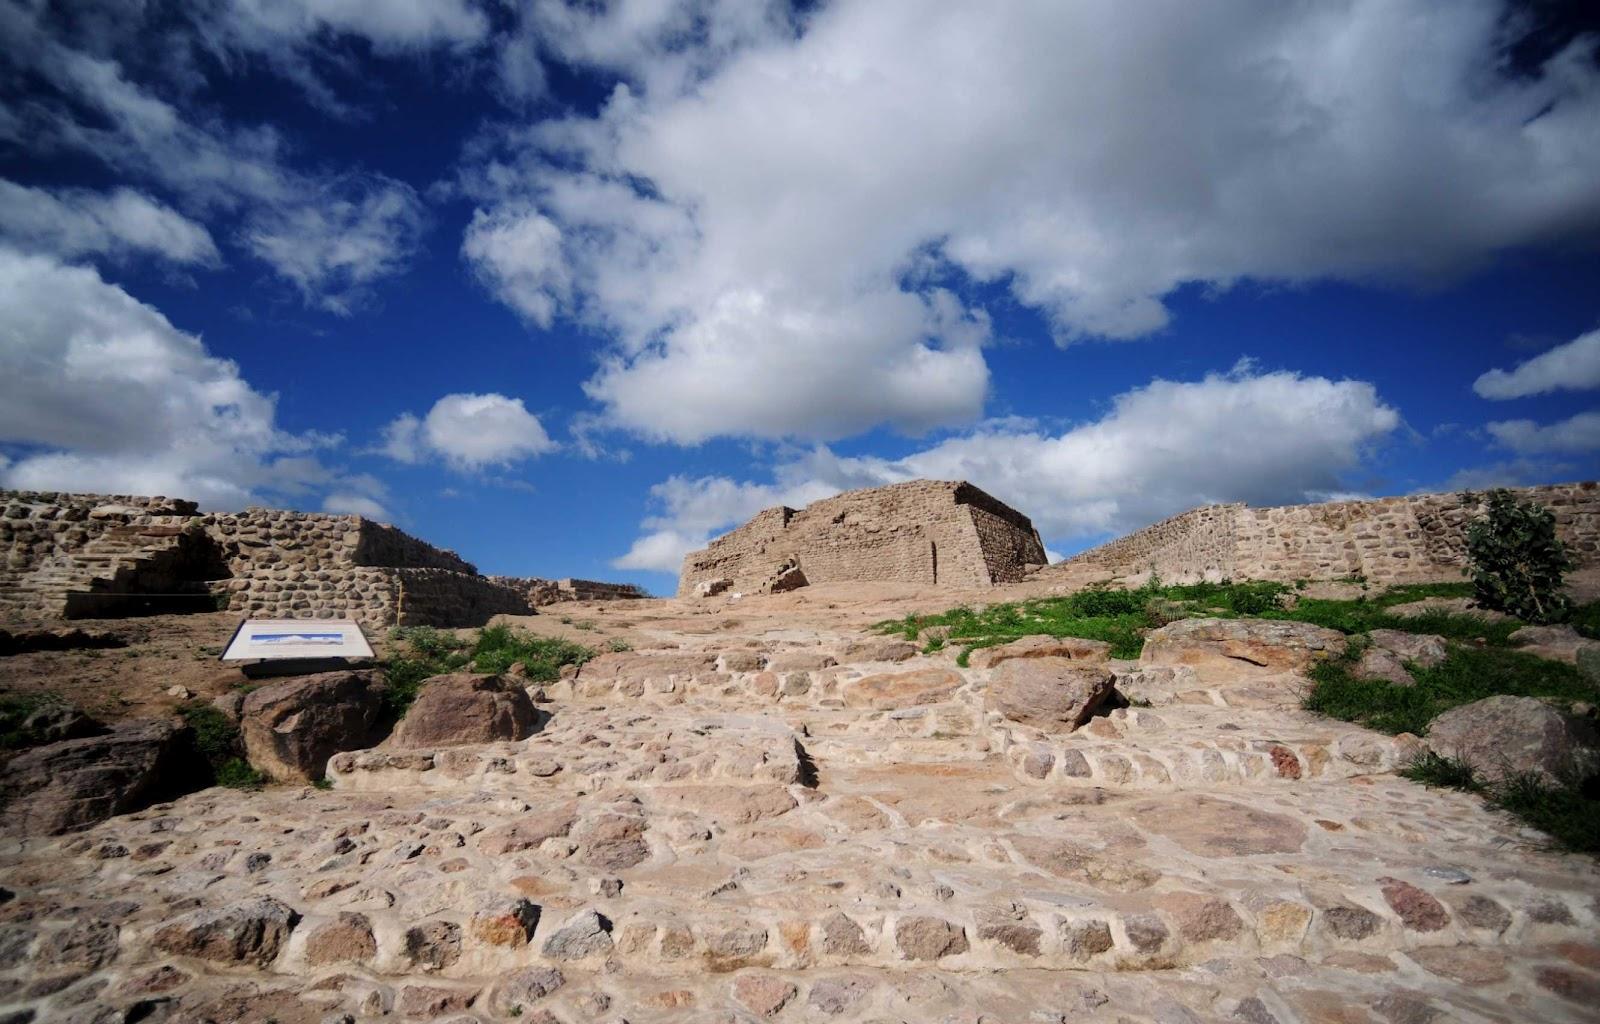 El Cóporo En Guanajuato Fue La Frontera Norte De Mesoamérica